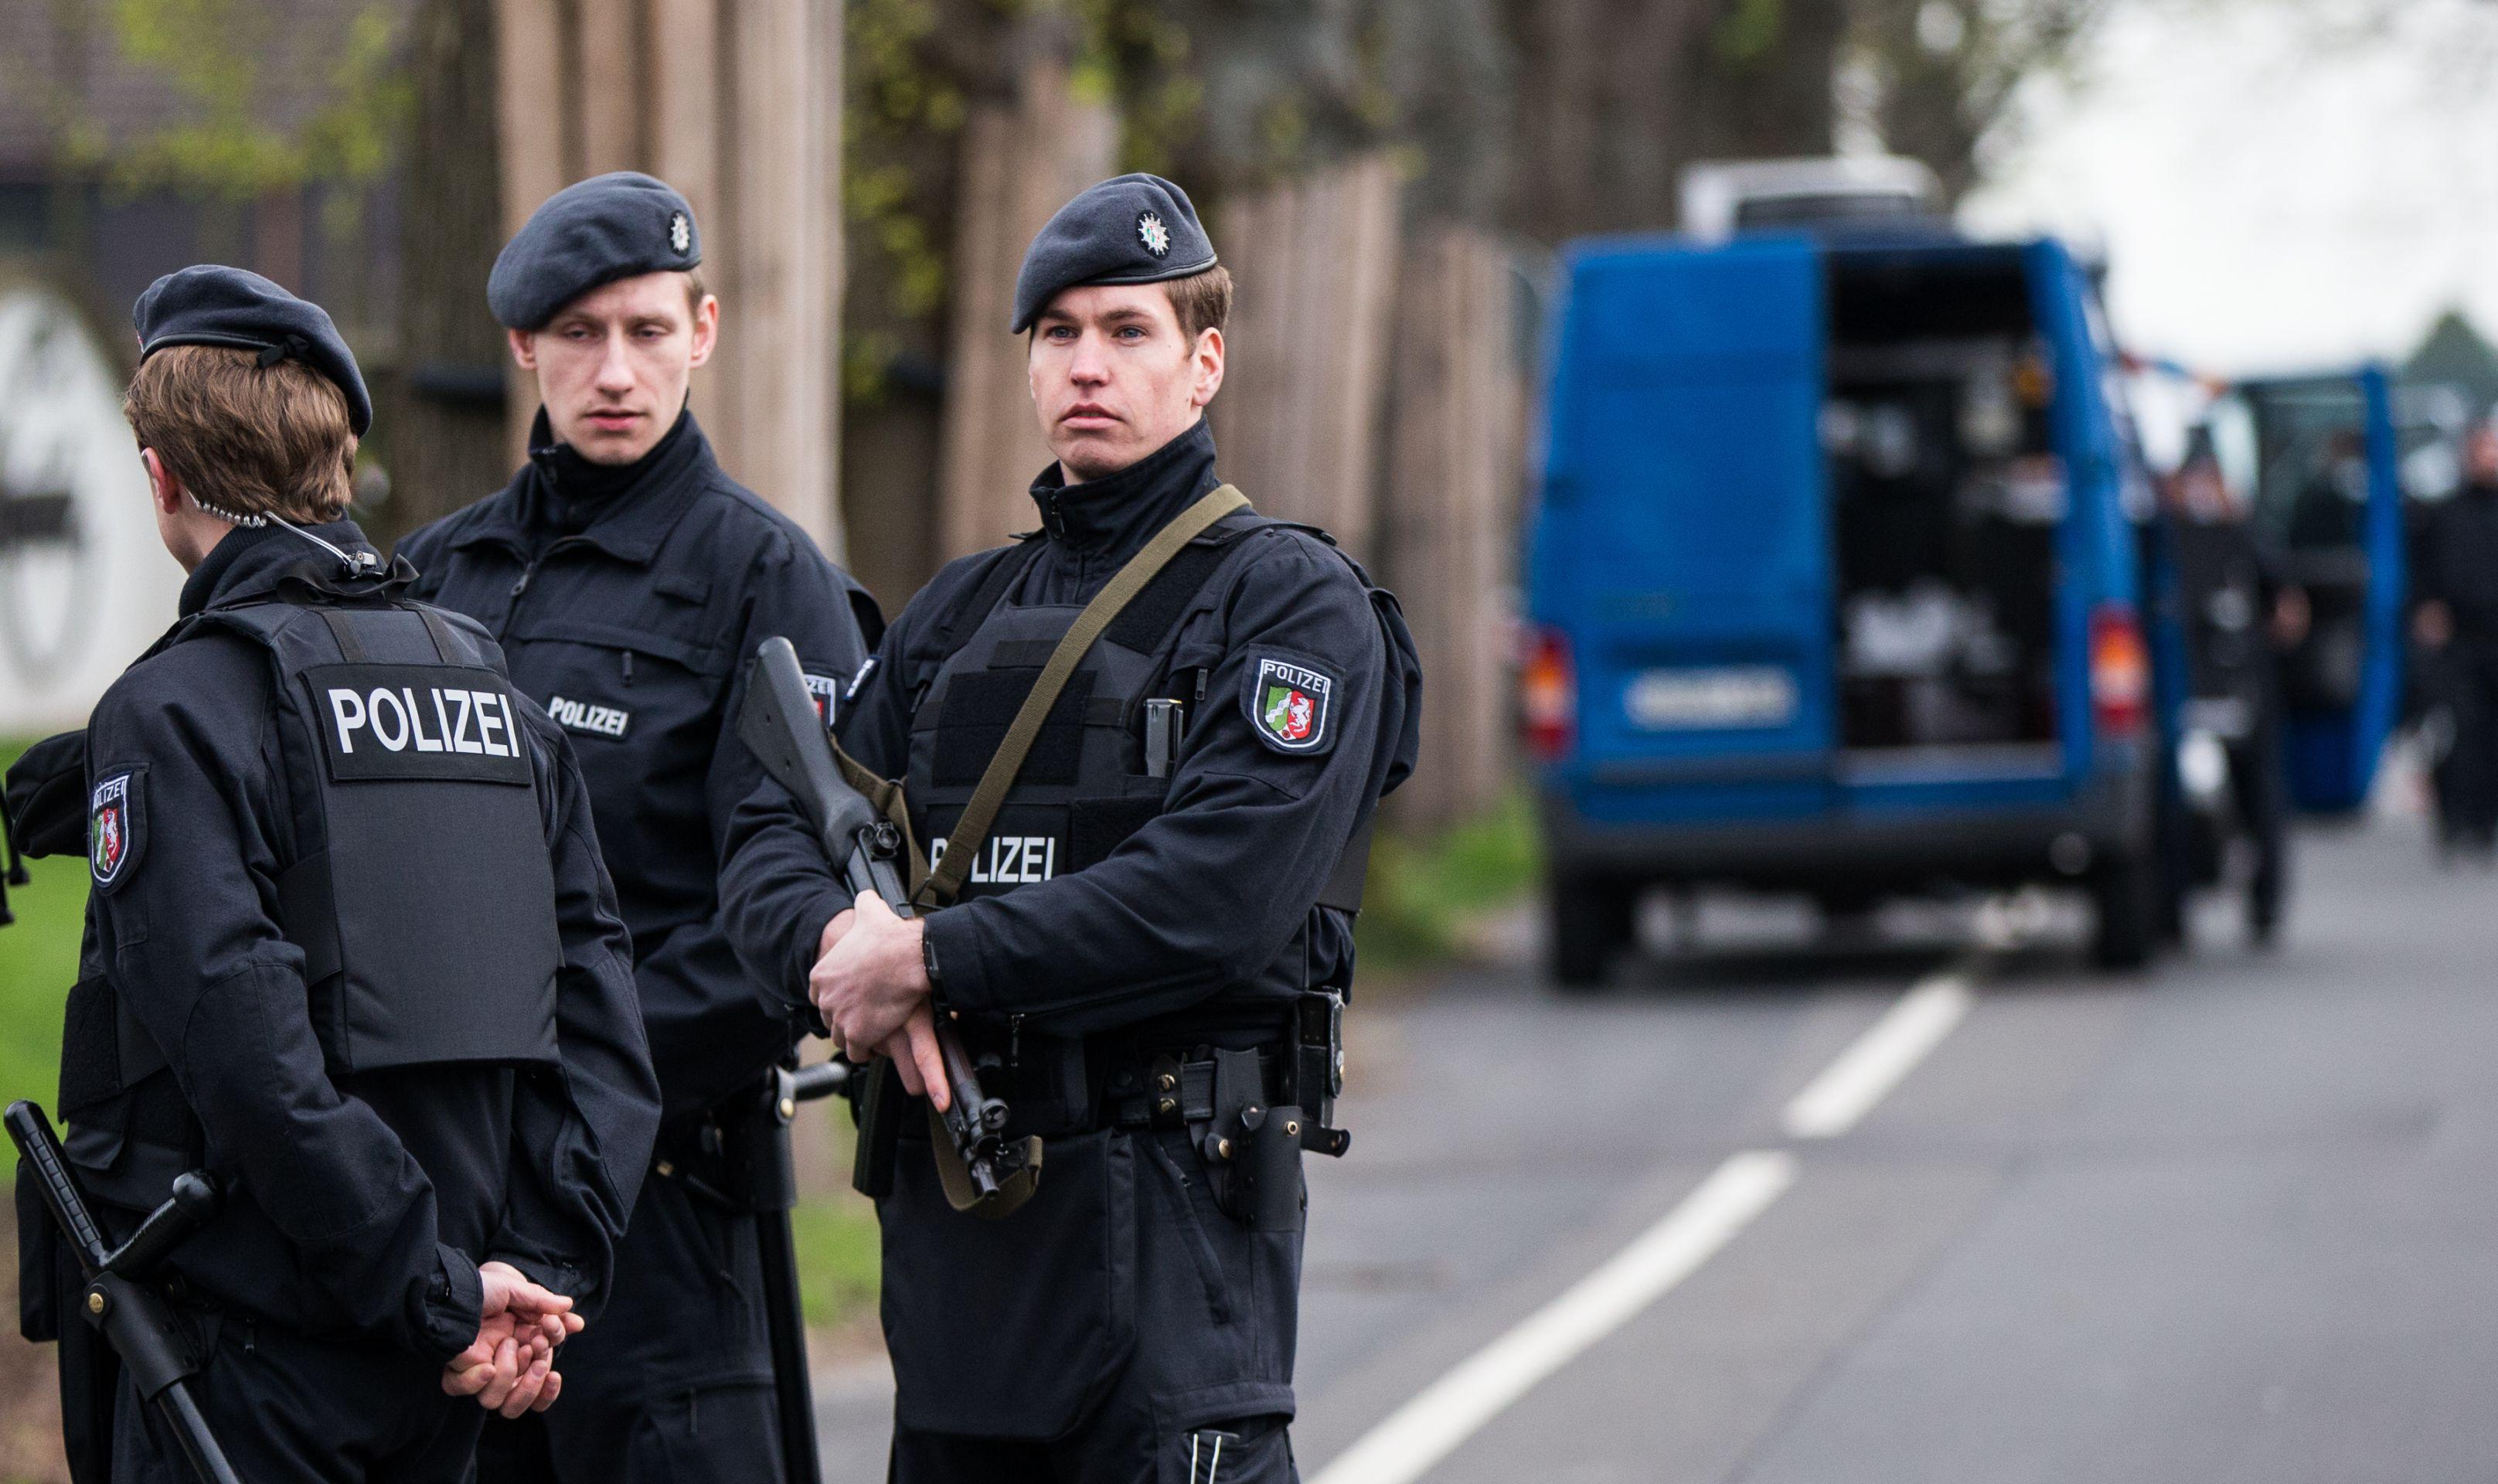 DORTMUND Jedna osoba uhićena, napad ipak teroristički